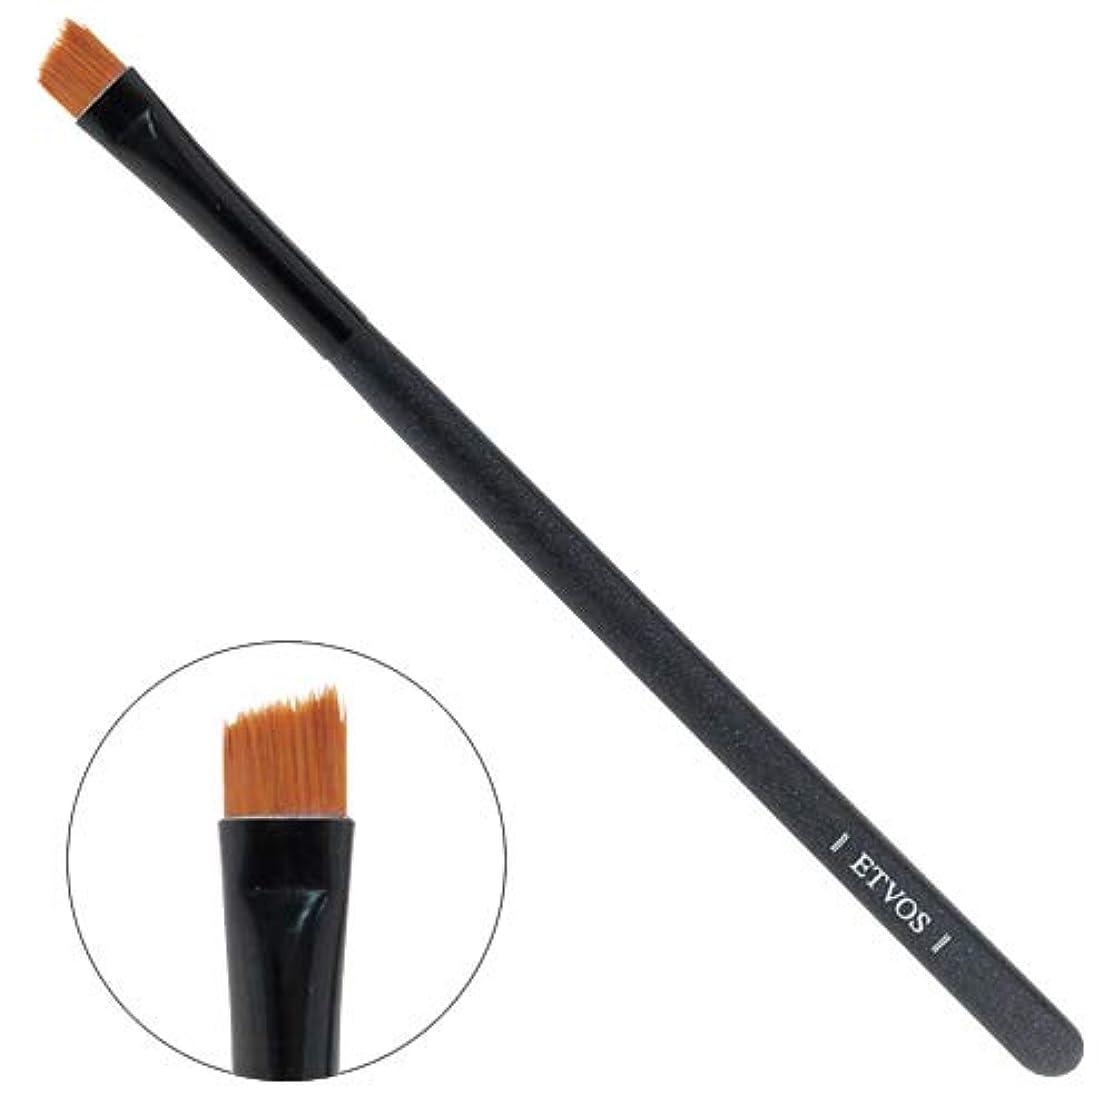 満了ピンポイント接触ETVOS(エトヴォス) アイライナーブラシ 毛先を斜めカット/目のキワまでアイラインが引ける化粧筆 12.5cm